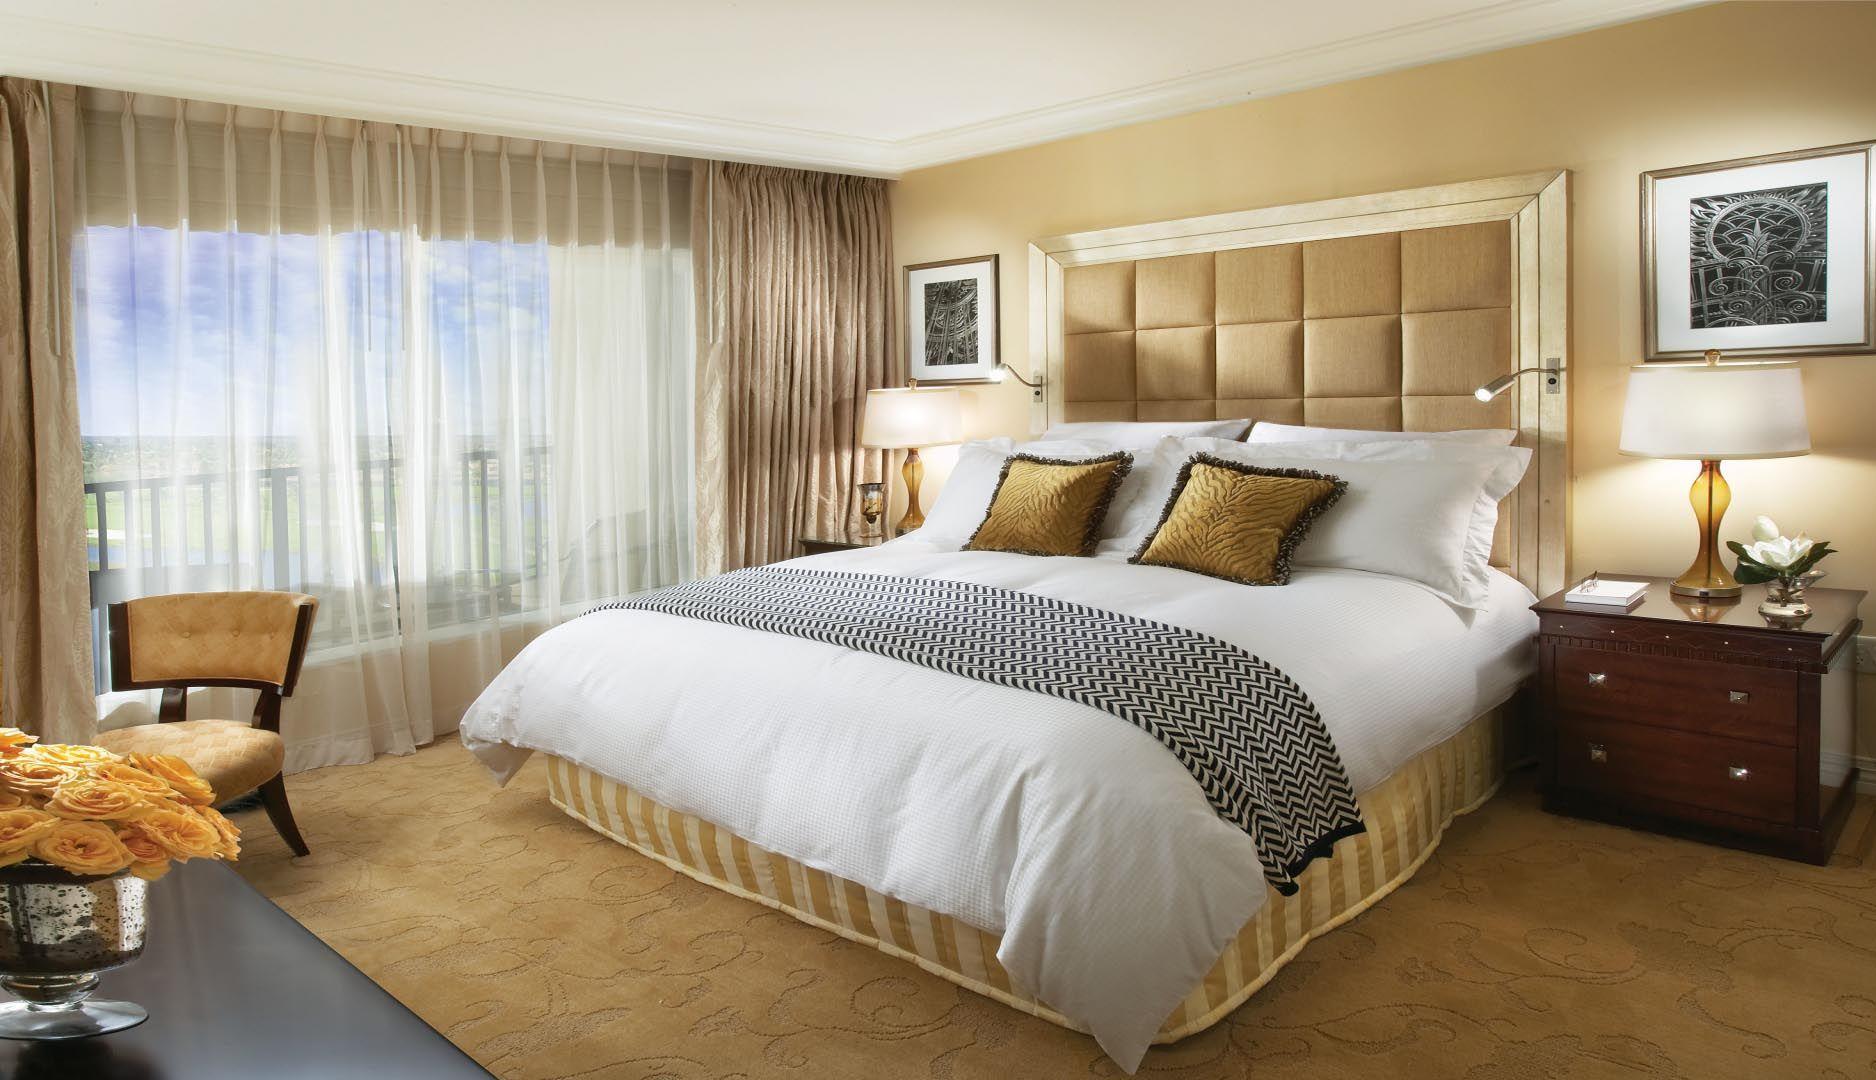 1920x1080-4646-büyüleyici-yatak odası-iç-tasarım-fikirleri-küçük yatak odası-yatak odası-iç-daireler-dekorasyon